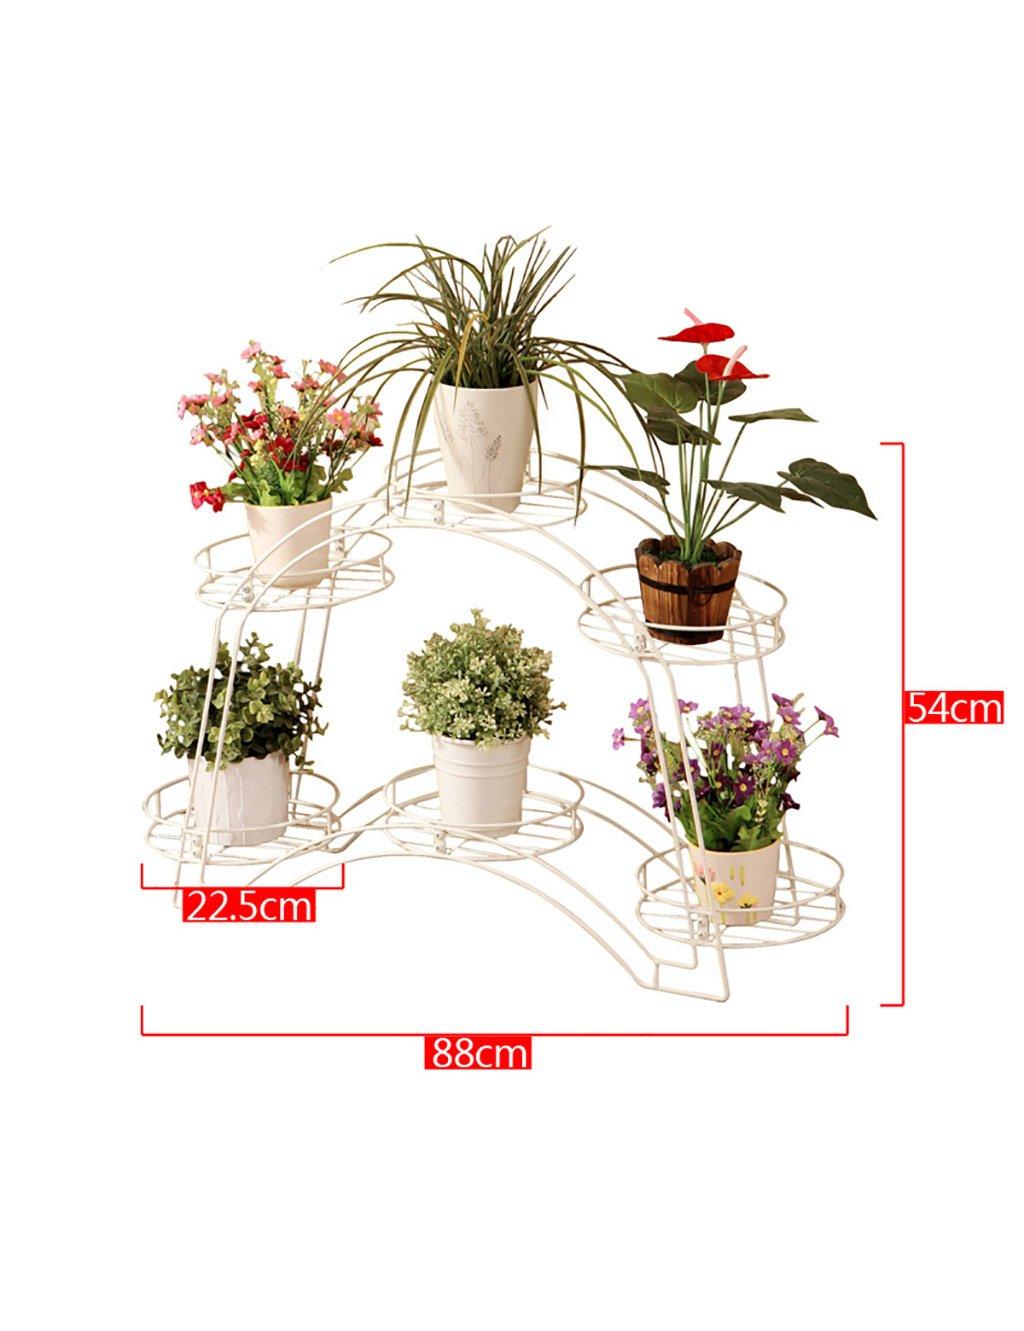 Europäische Art-Eisen-gewölbte mehrschichtige Blumen-Zahnstange-Versammlung Blumen-Zahnstange-Fußboden-Pflanzer-Regal Einfache und moderne Balkon-Wohnzimmer-Innenblumen-Zahnstange